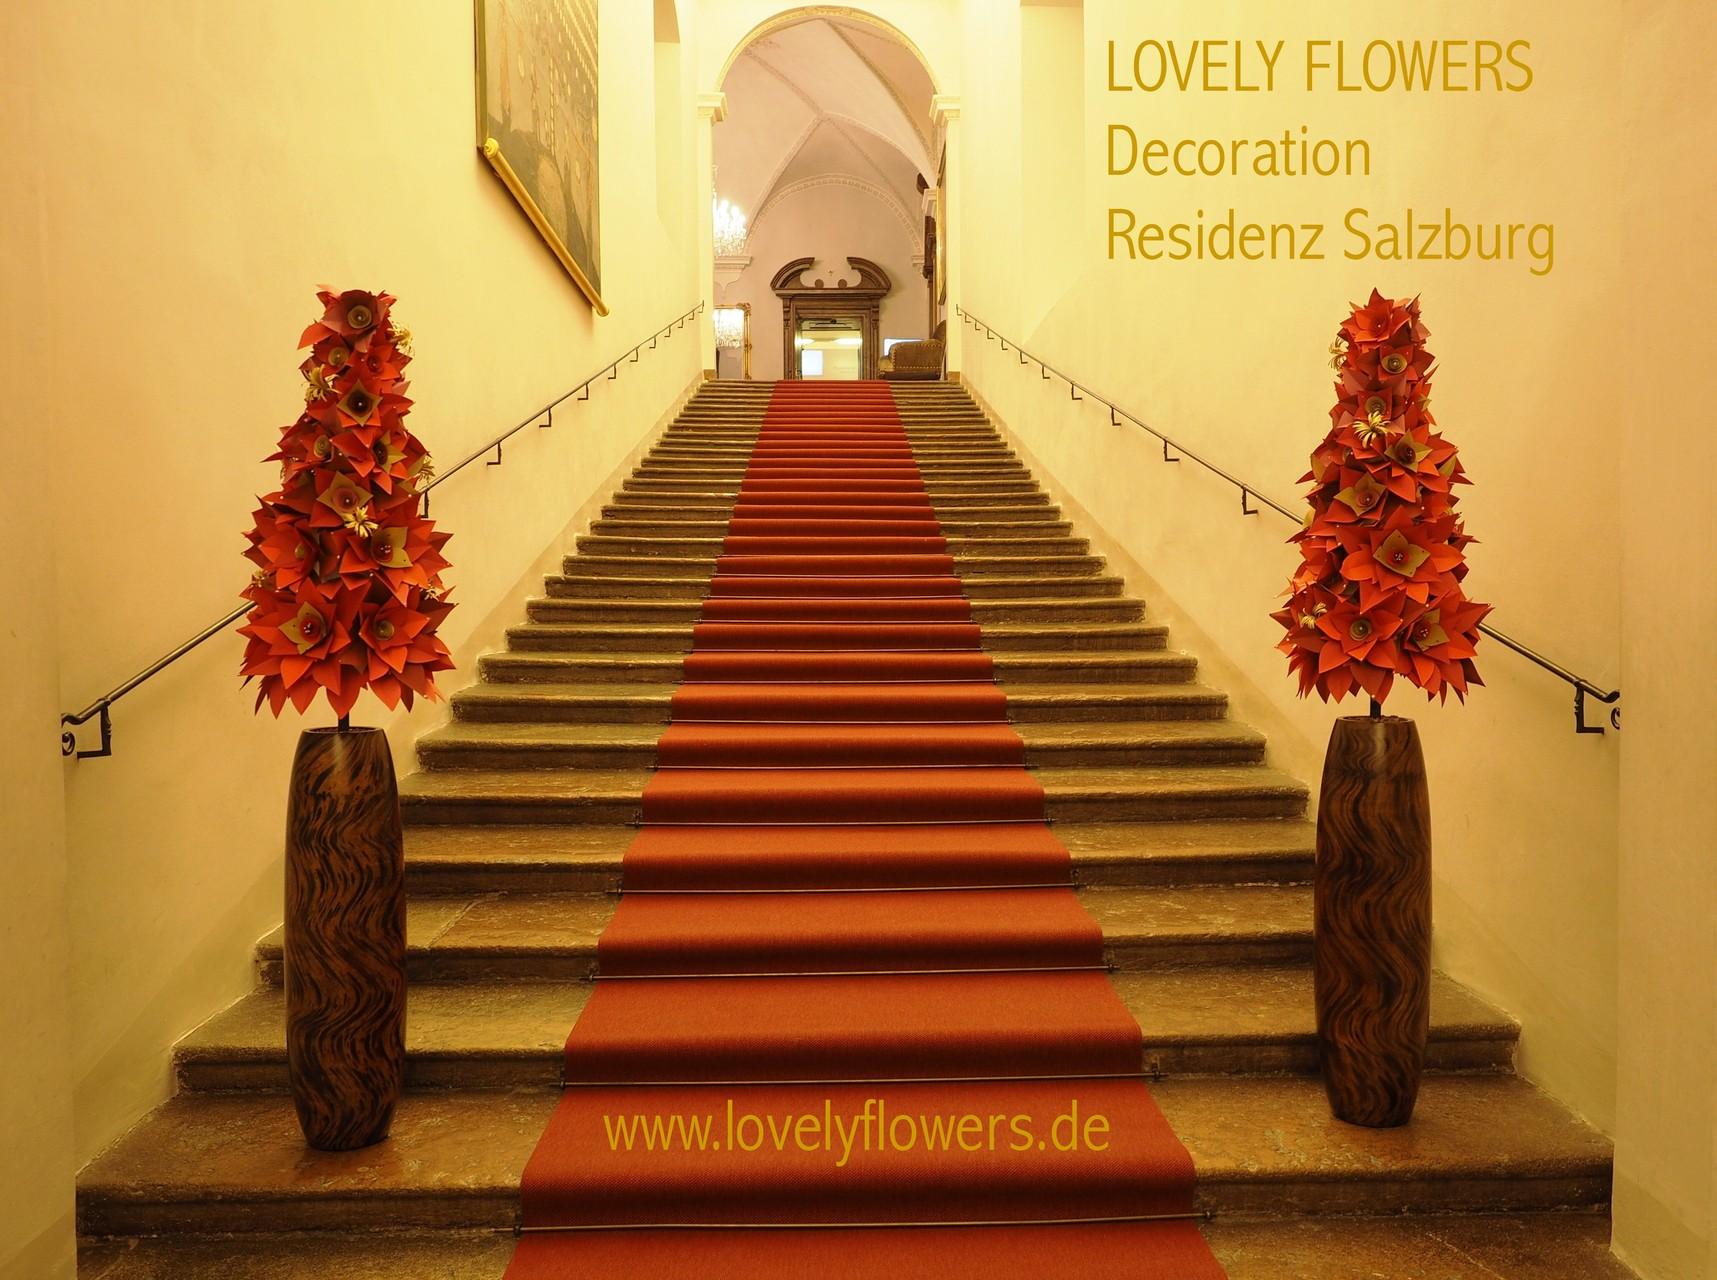 Paper-Art Prunkvasendekoration von www.lovelyflowers.de passend zum roten Teppich der Residenz zu Salzburg/Österreich